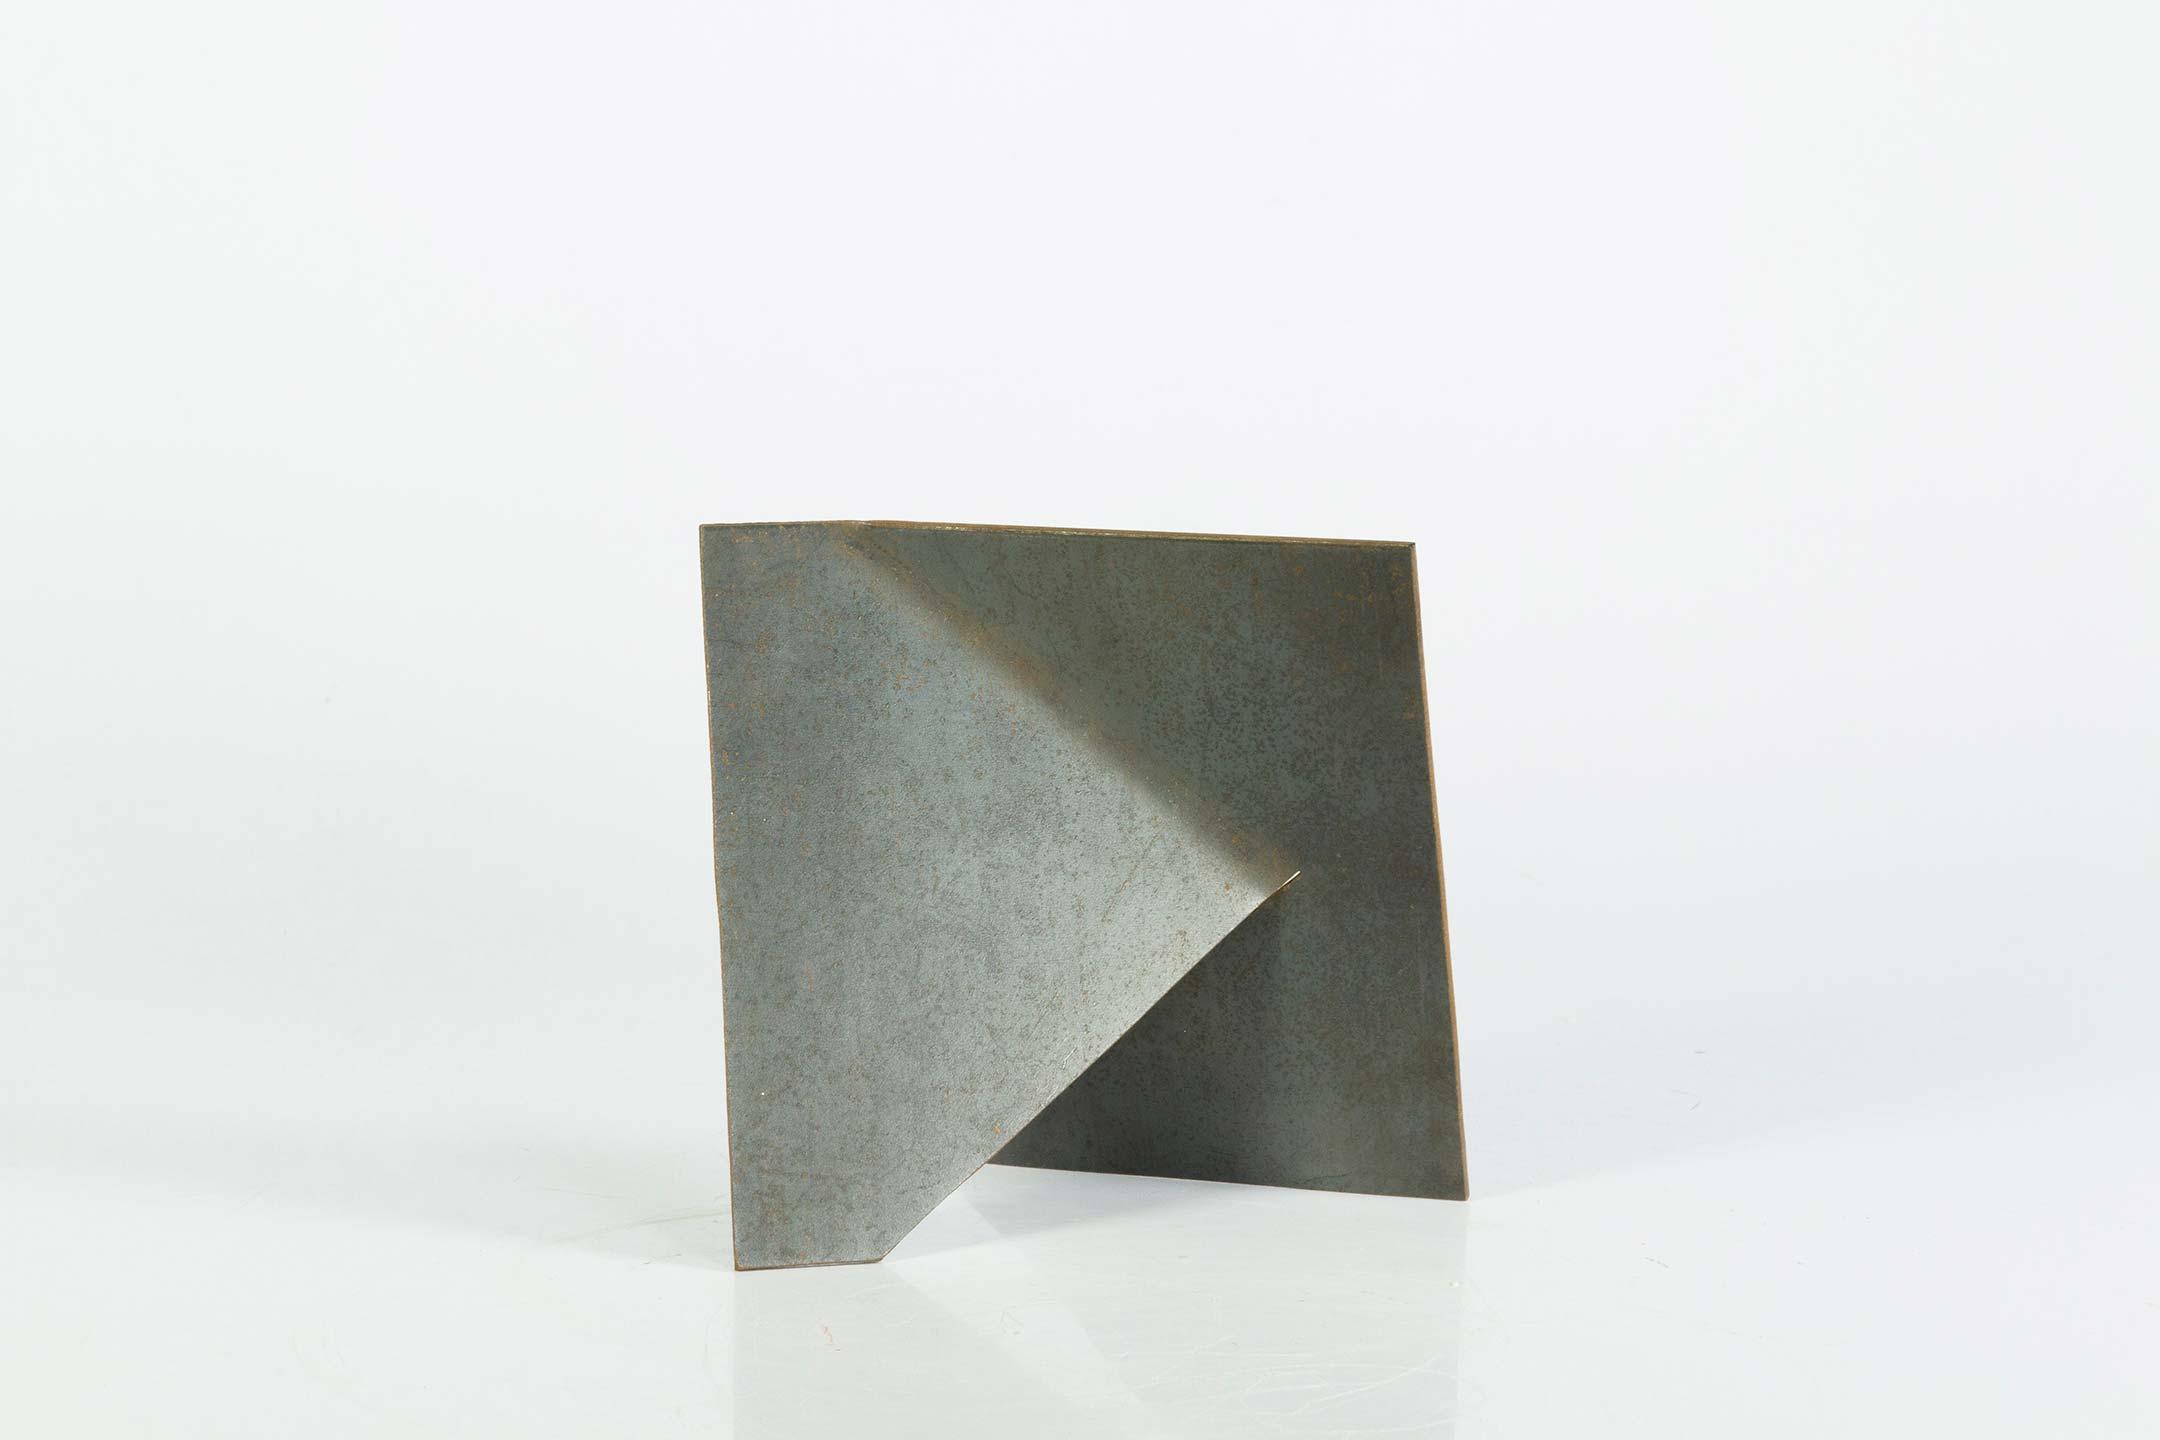 Amilcar de Castro, S/Título, aço, 15 x 15 x 0,3 cm, 1990